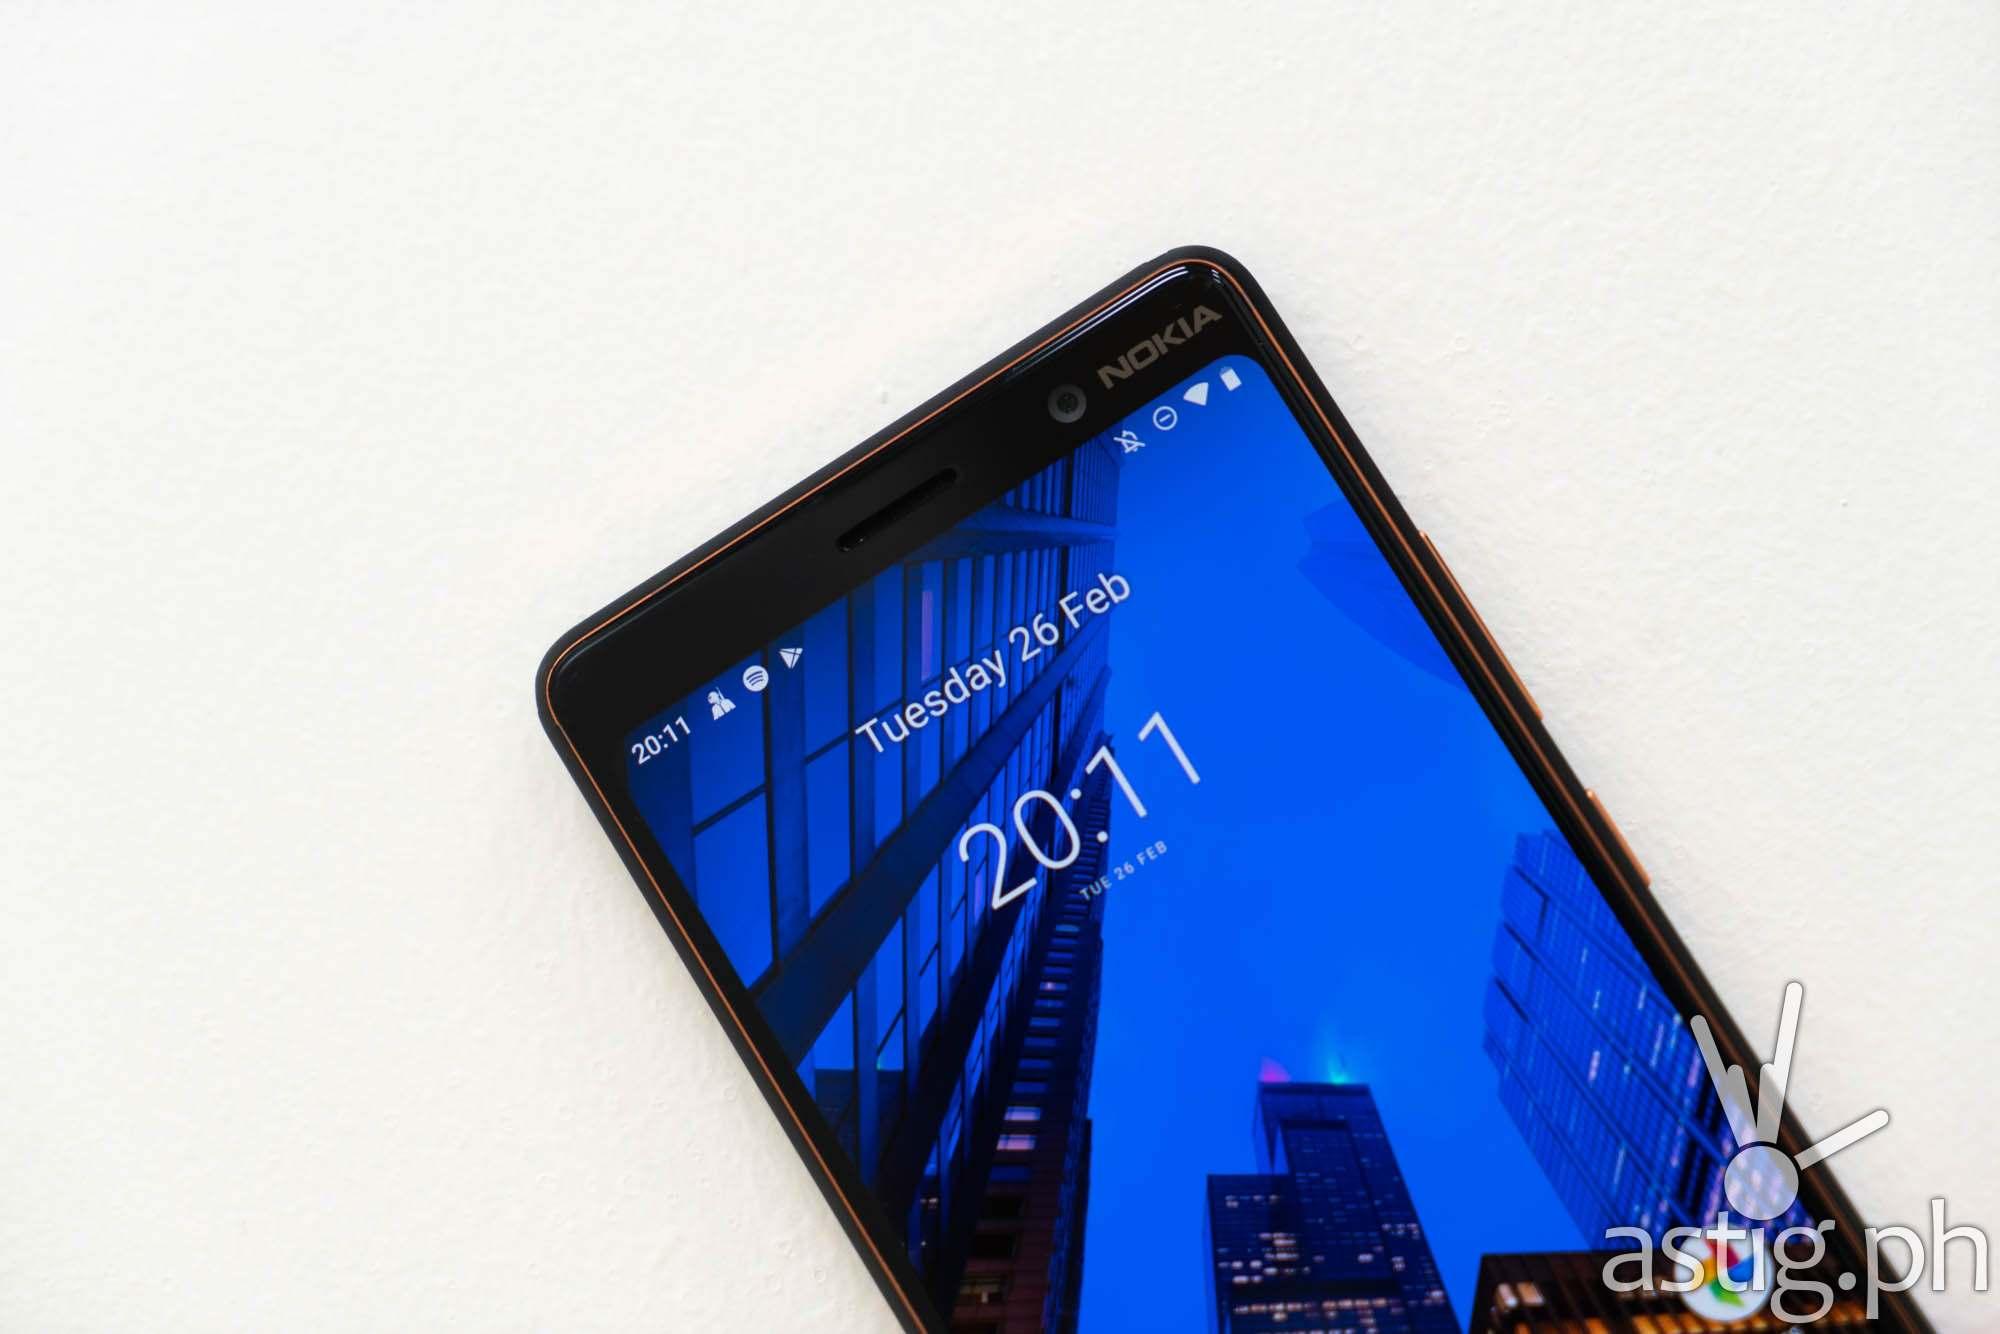 Front (selfie) camera - Nokia 7 Plus (Philippines)